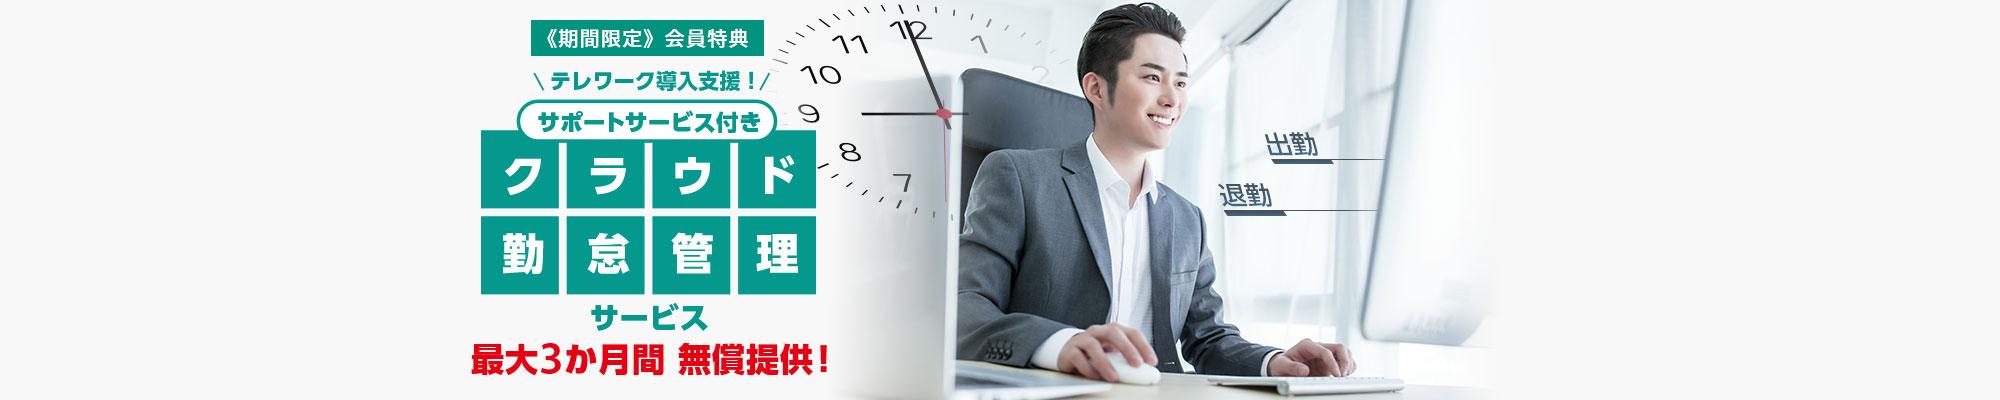 テレワーク導入支援! サポートサービス付き クラウド勤怠管理サービス 最大3か月間 無償提供!